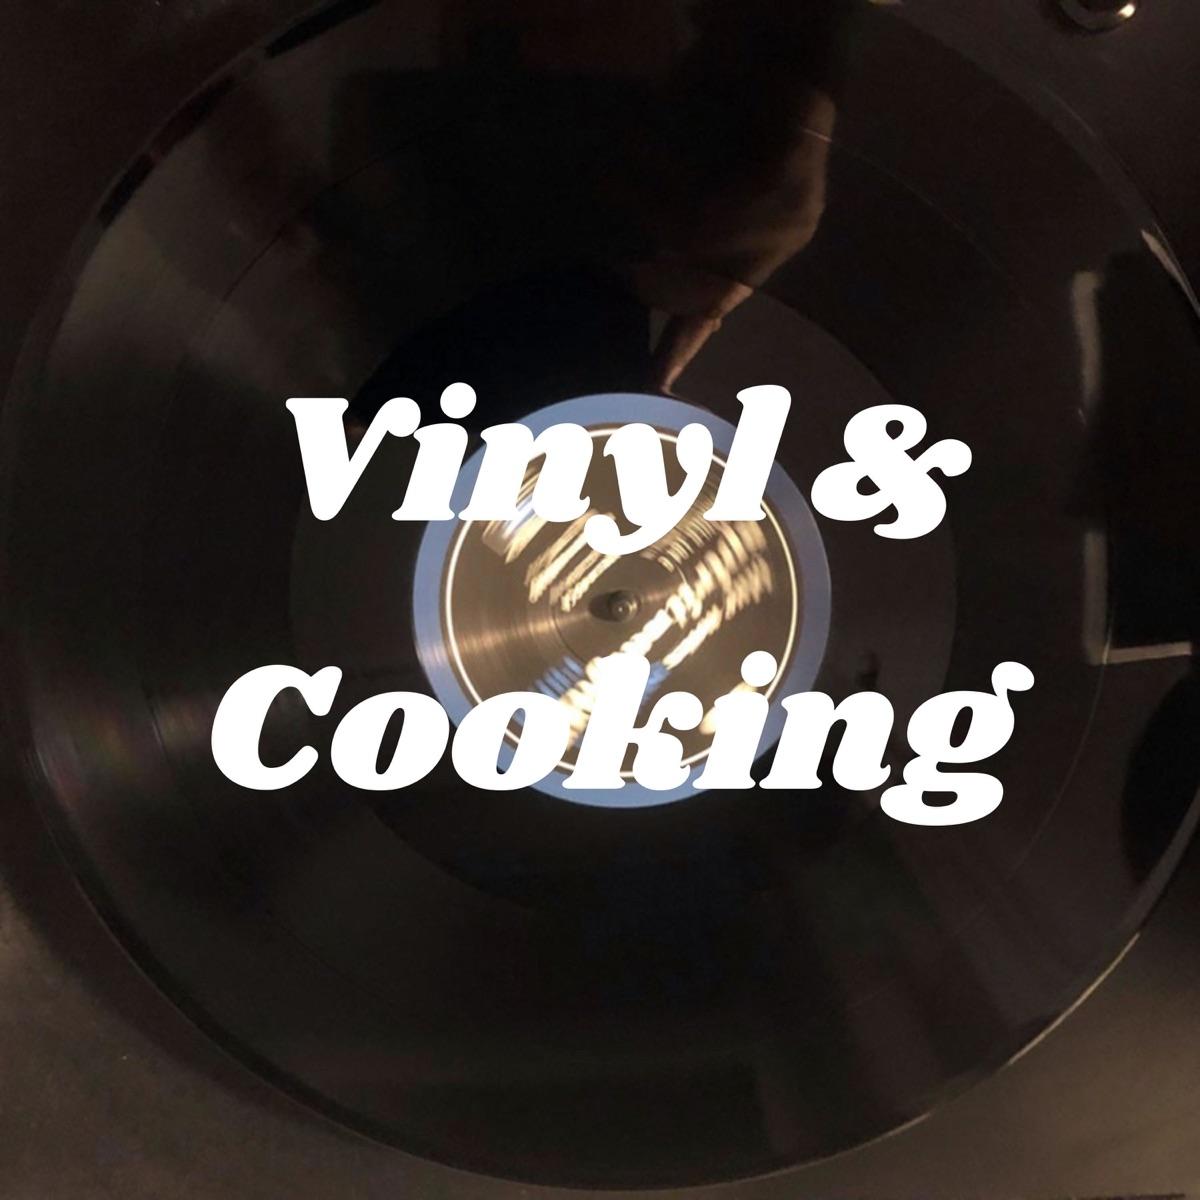 Vinyl & Cooking